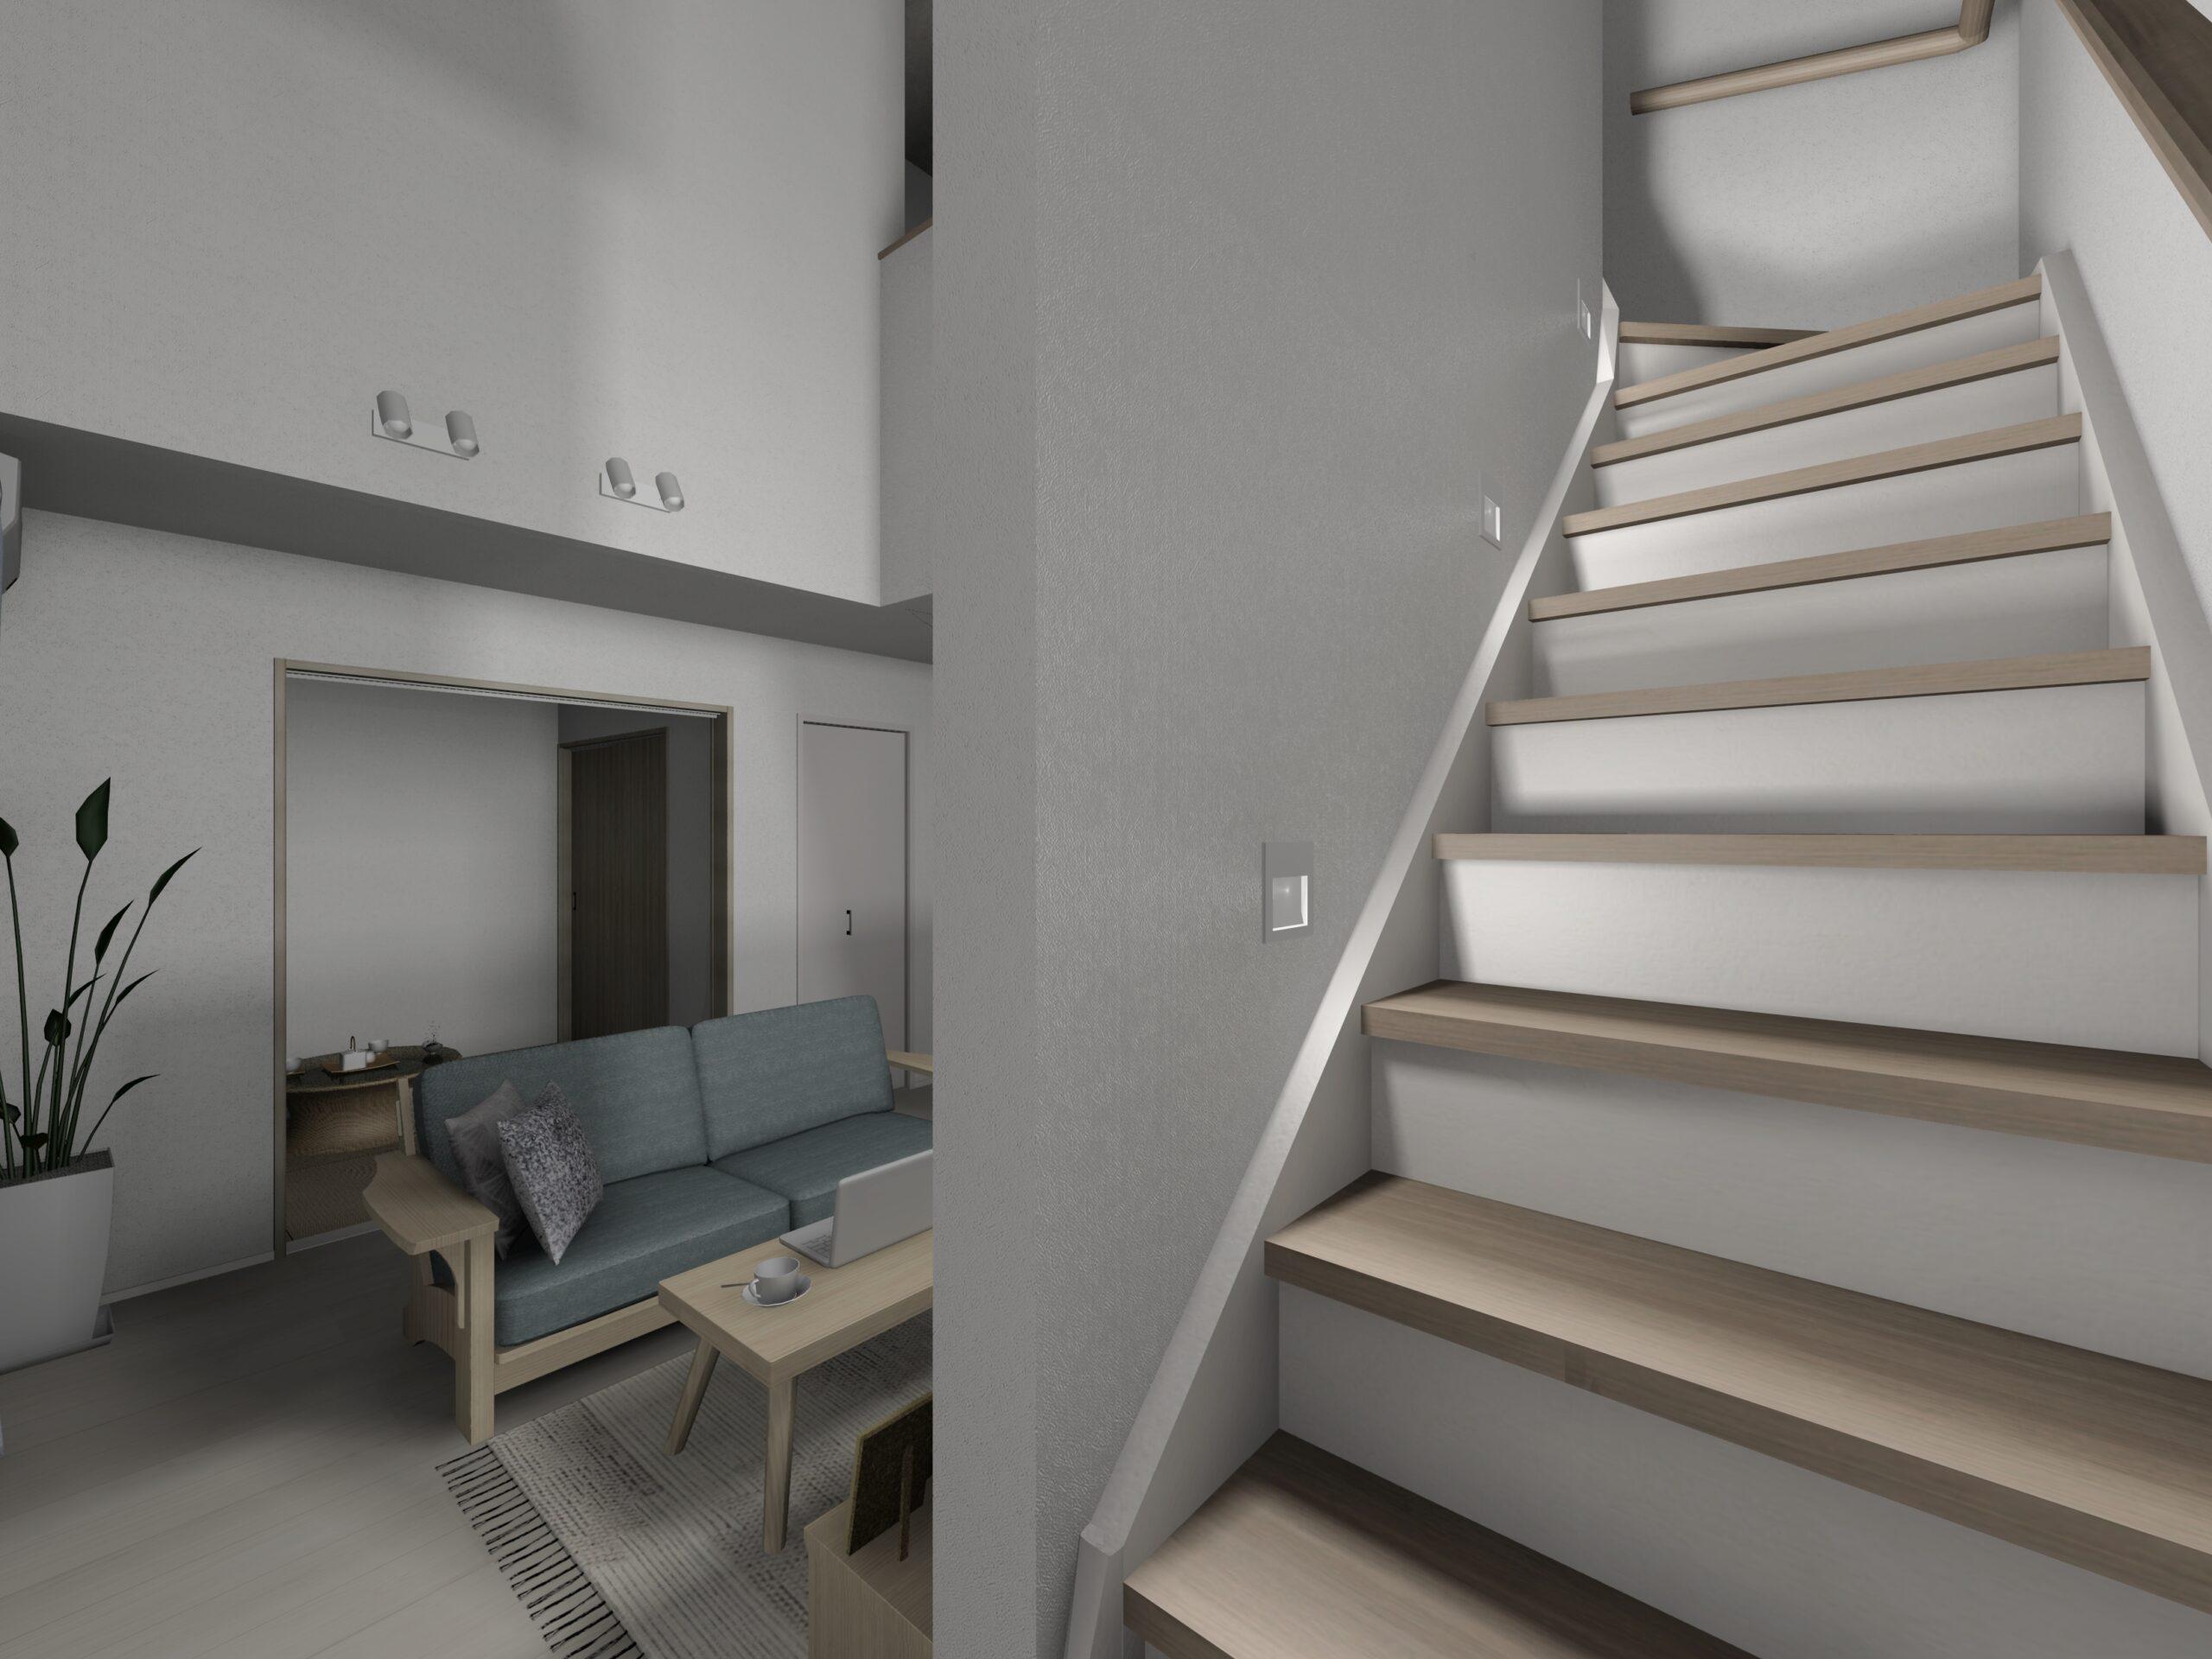 武雄市新築住宅OURS甘久1号地階段